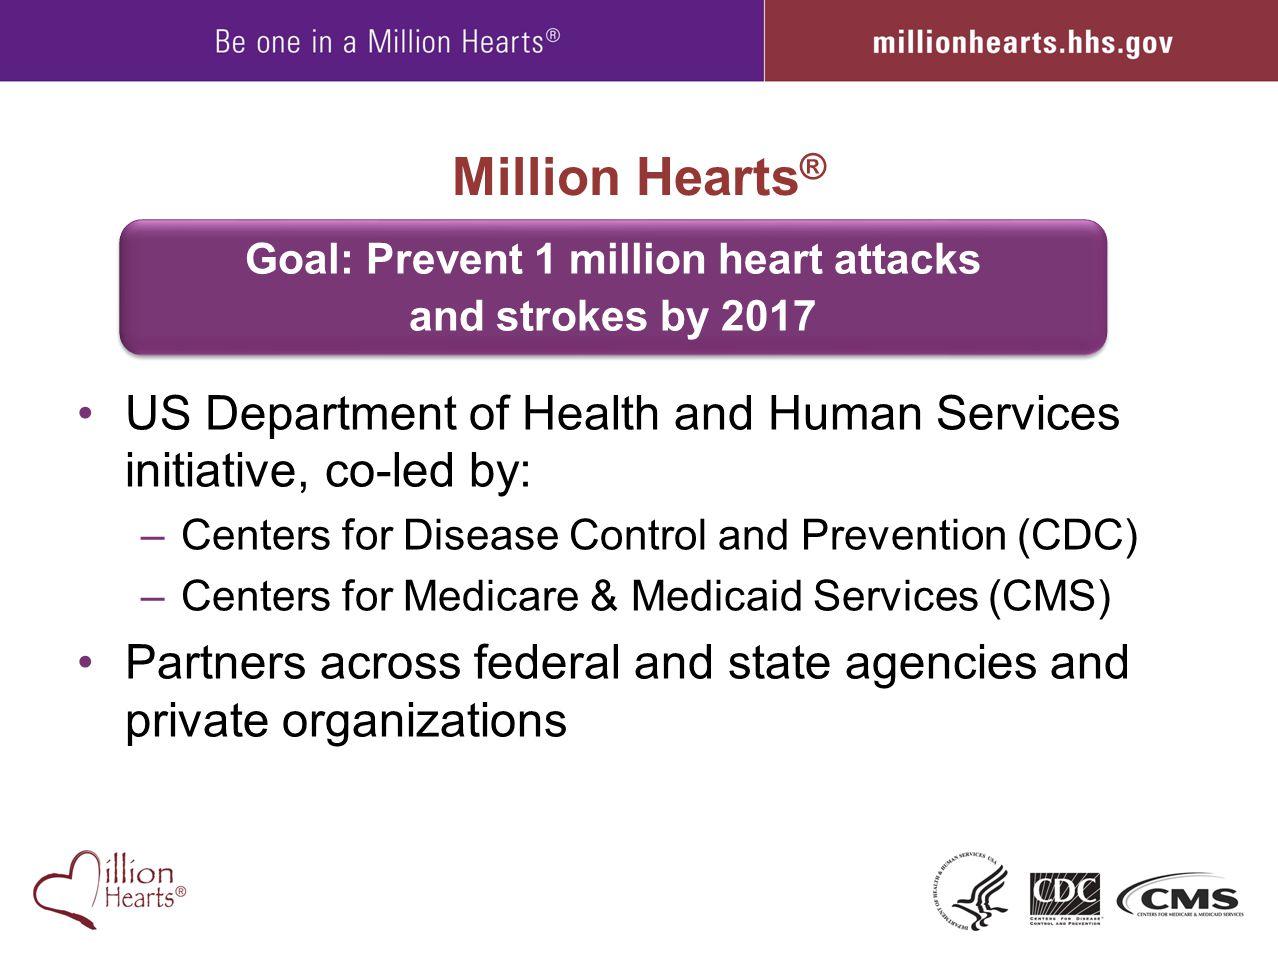 Goal: Prevent 1 million heart attacks